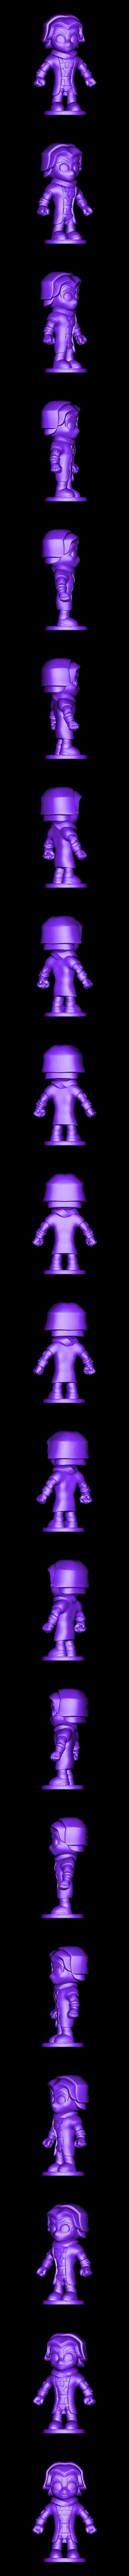 TC.stl Descargar archivo STL Paul Atreides ( Timothee Chalamet ) Dune • Objeto imprimible en 3D, MatteoMoscatelli